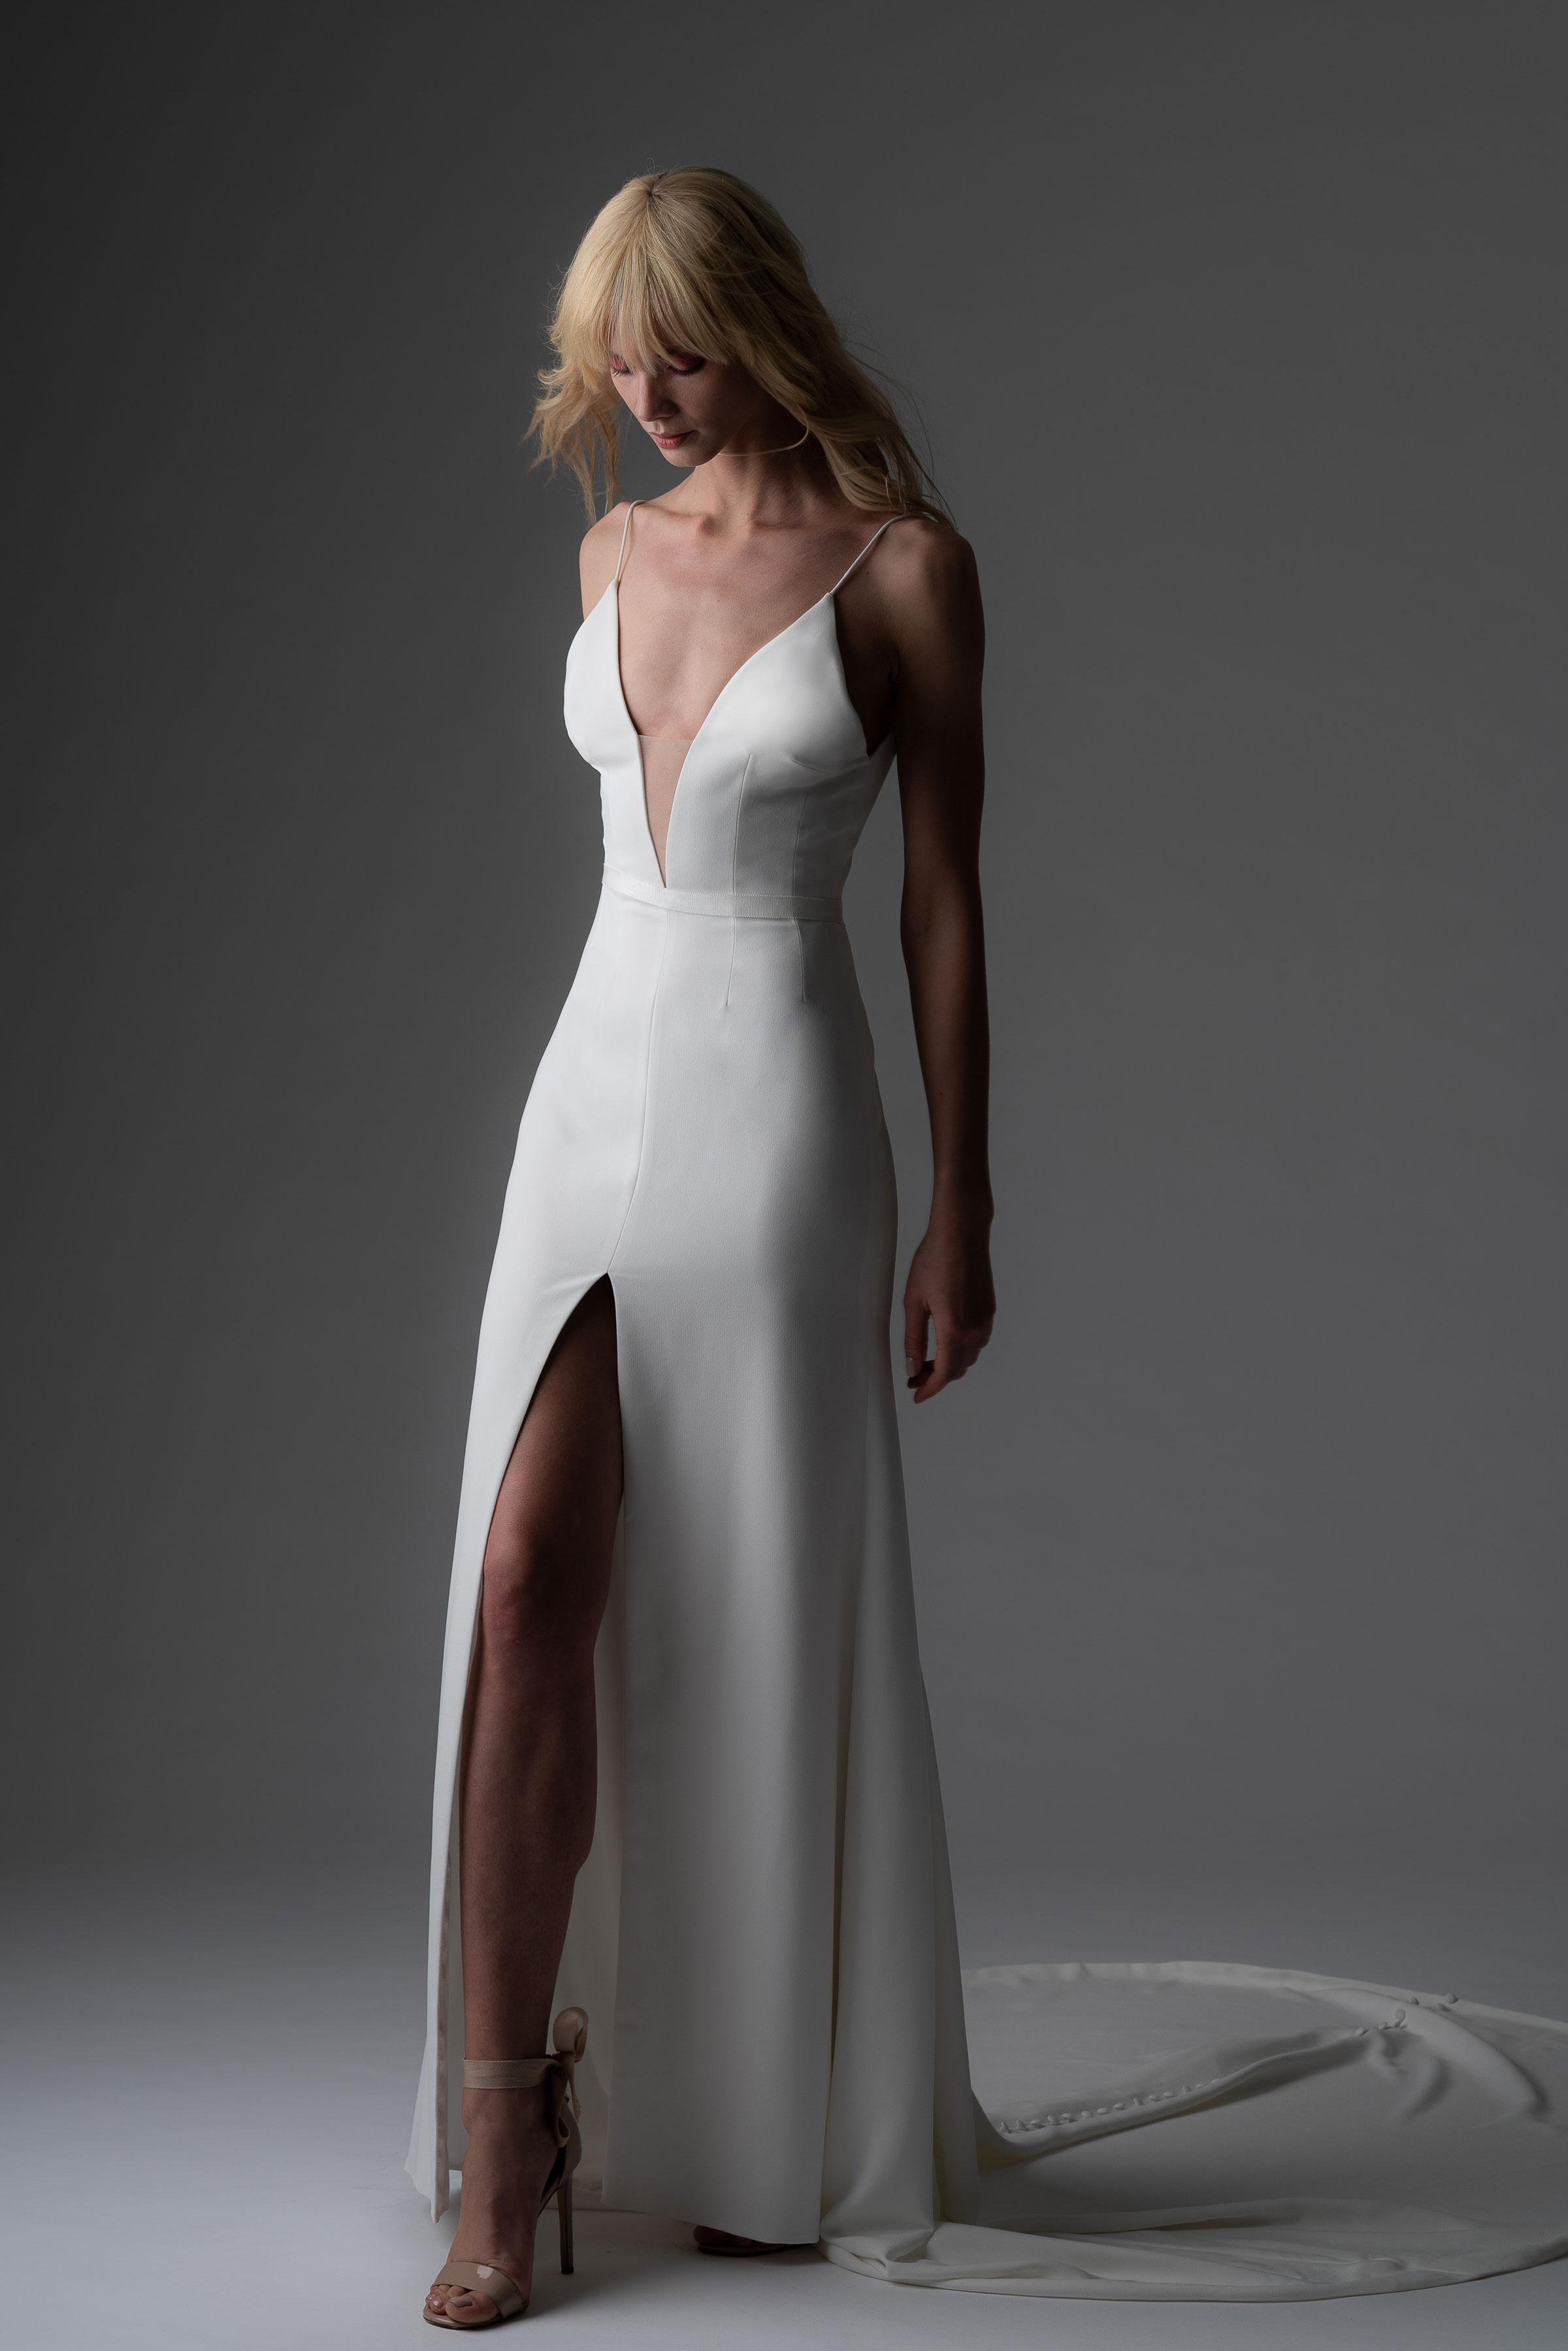 Váy cưới Alyne by Rita Vinieris hai dây màu trắng